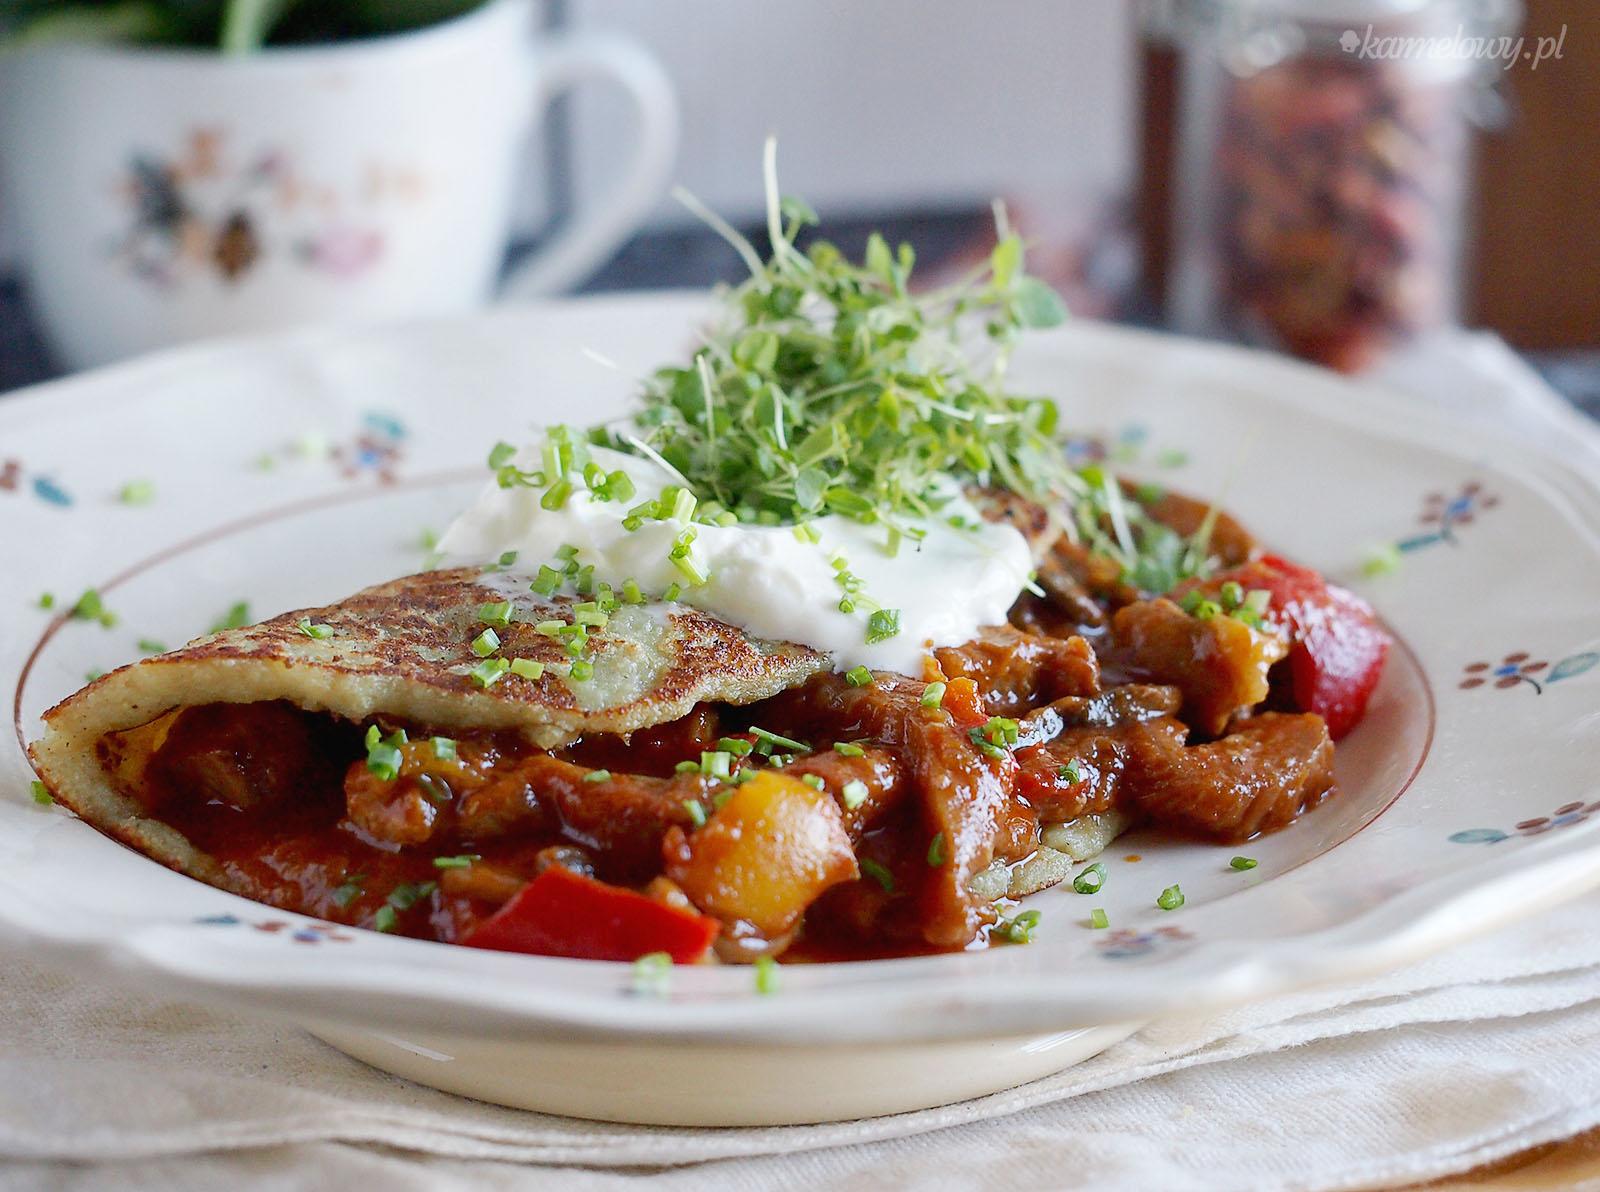 Placki Ziemniaczane Po Wegiersku Hungarian Style Potato